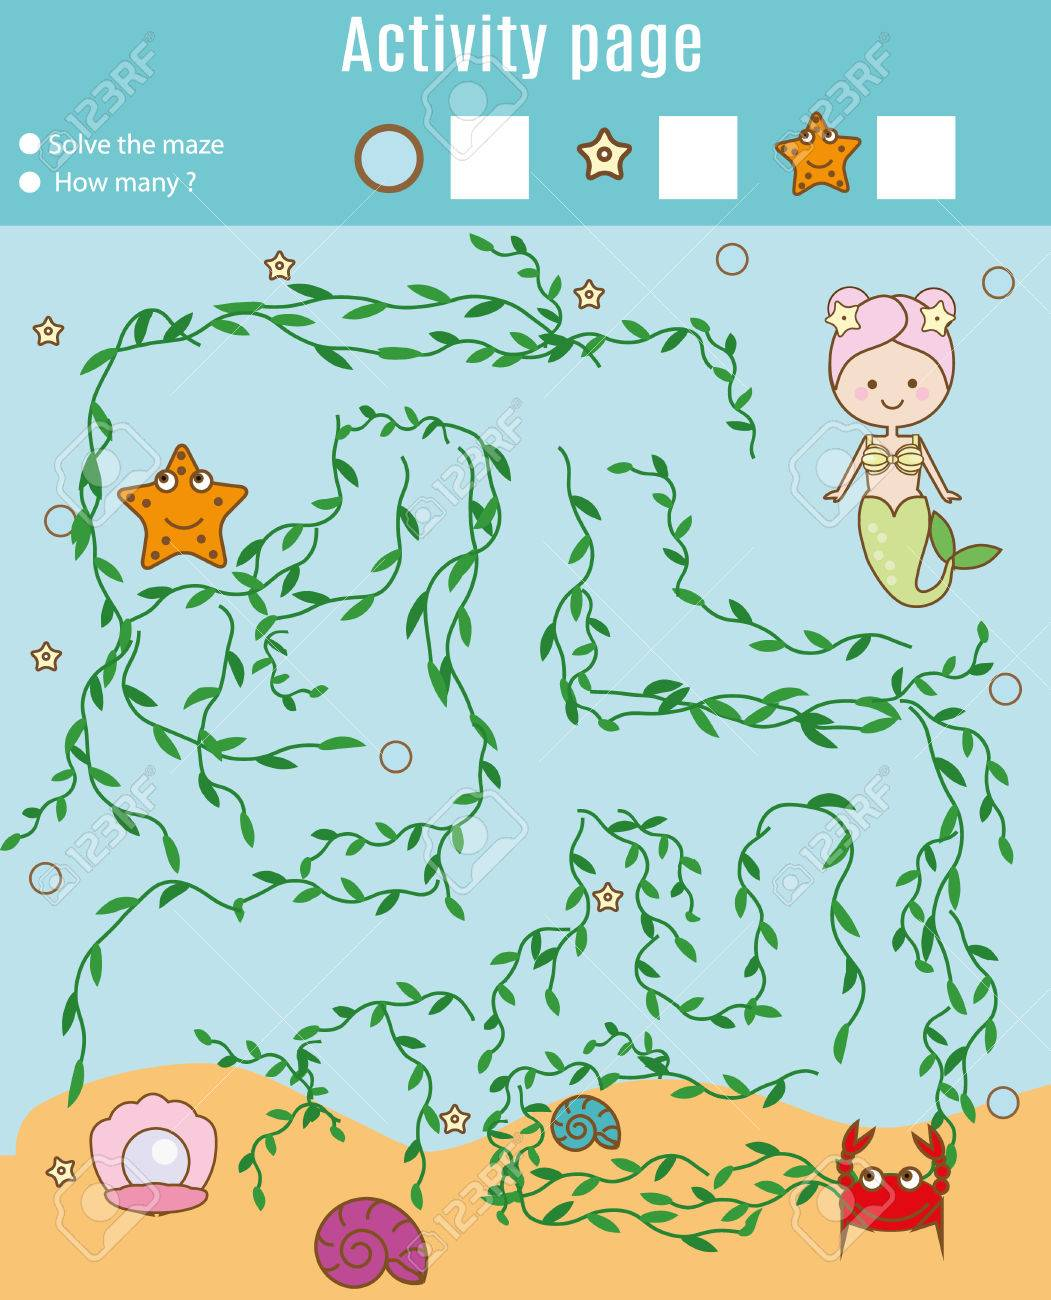 Aktivitätsseite Für Kinder. Pädagogisches Spiel Labyrinth Und ...